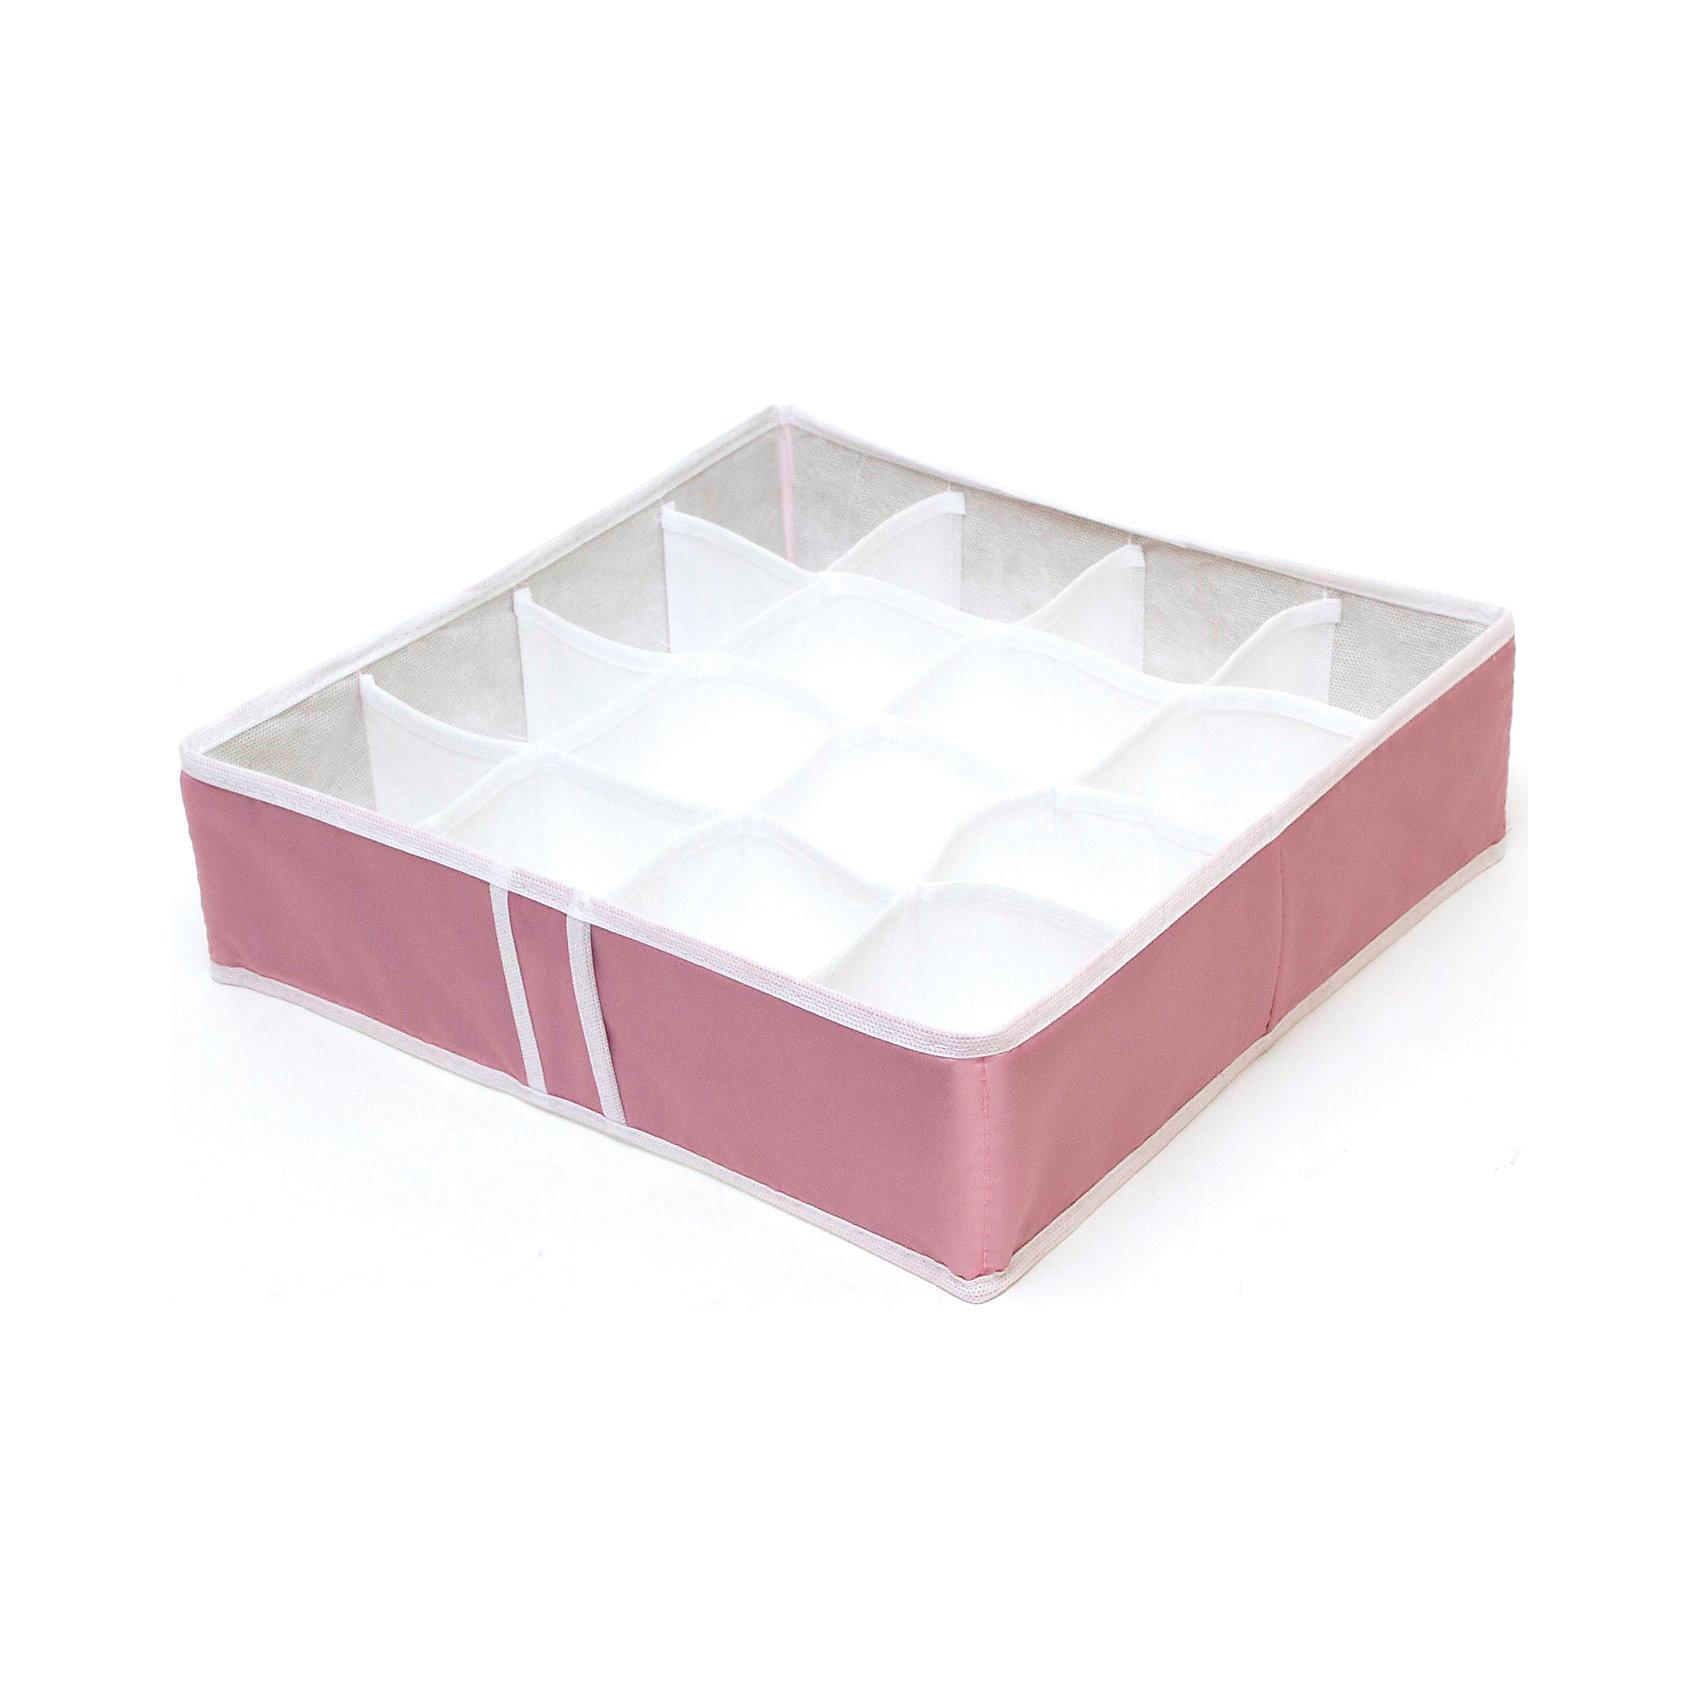 Органайзер на 16 ячеек Capri, HomsuПорядок в детской<br>Характеристики товара:<br><br>• цвет: розовый<br>• материал: полиэстер, картон<br>• размер: 35х35х10 см<br>• вес: 200 г<br>• легкий прочный каркас<br>• обеспечивает естественную вентиляцию<br>• вместимость: 16 отделений<br>• страна бренда: Россия<br>• страна изготовитель: Китай<br><br>Органайзер на 16 ячеек Capri от бренда Homsu (Хомсу) - очень удобная вещь для хранения вещей и эргономичной организации пространства.<br><br>Он легкий, устойчивый, вместительный, обеспечивает естественную вентиляцию.<br><br>Органайзер для бюстгальтеров на 16 ячеек Capri, Homsu можно купить в нашем интернет-магазине.<br><br>Ширина мм: 350<br>Глубина мм: 100<br>Высота мм: 20<br>Вес г: 200<br>Возраст от месяцев: 216<br>Возраст до месяцев: 1188<br>Пол: Унисекс<br>Возраст: Детский<br>SKU: 5620213